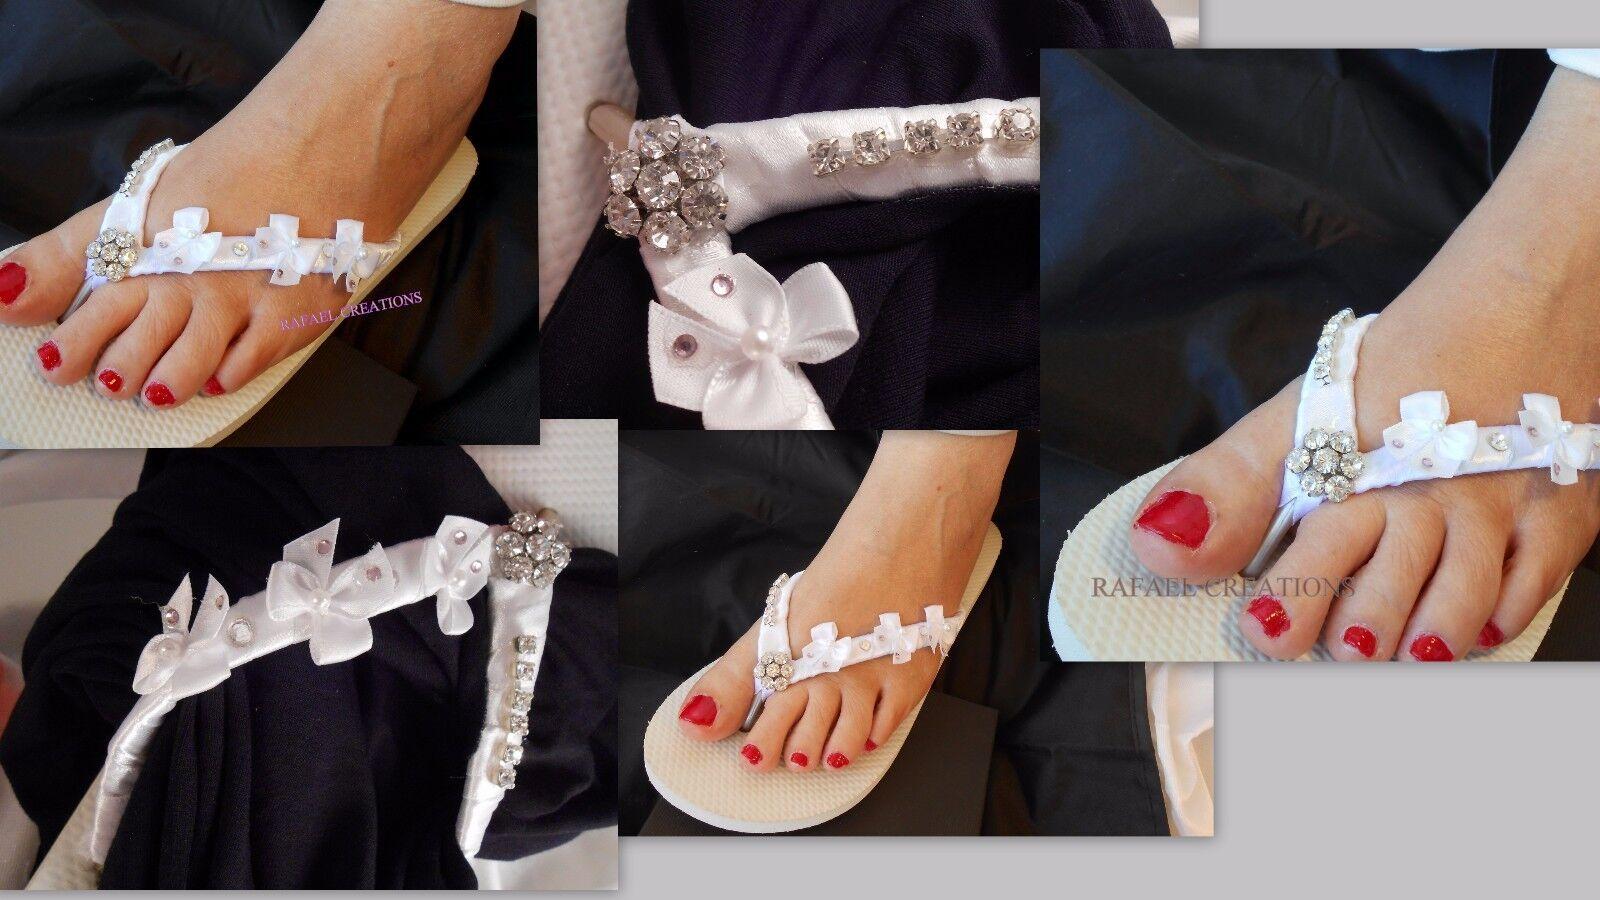 Havaianas Flip Flops Swarovski Kristalle Braut NEU Geschenk NEU Braut Romantische flache e21f46